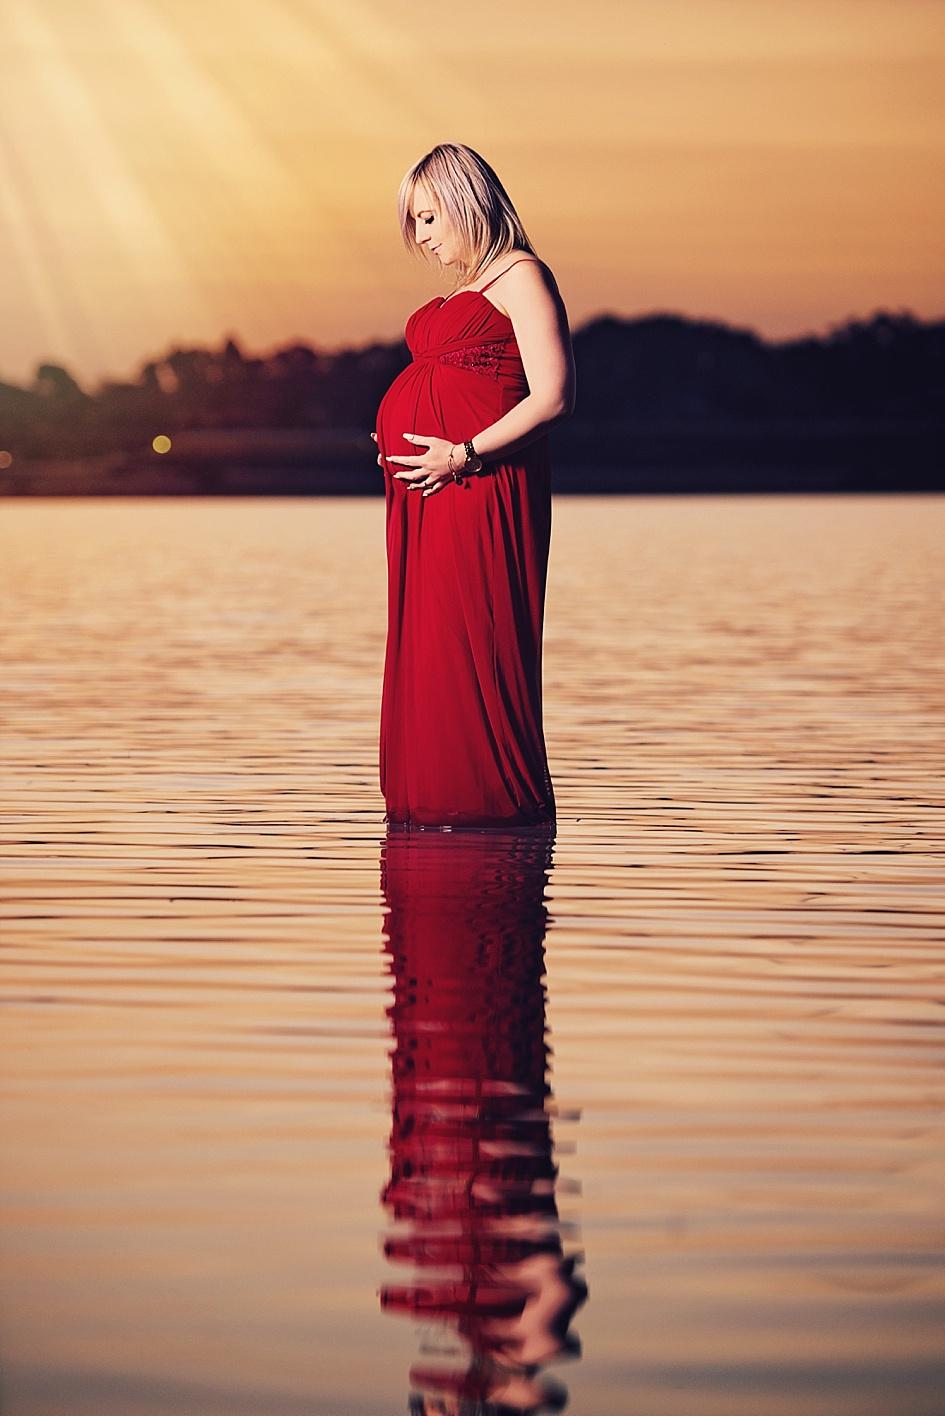 lake-sunset-maternity-shoot.jpg